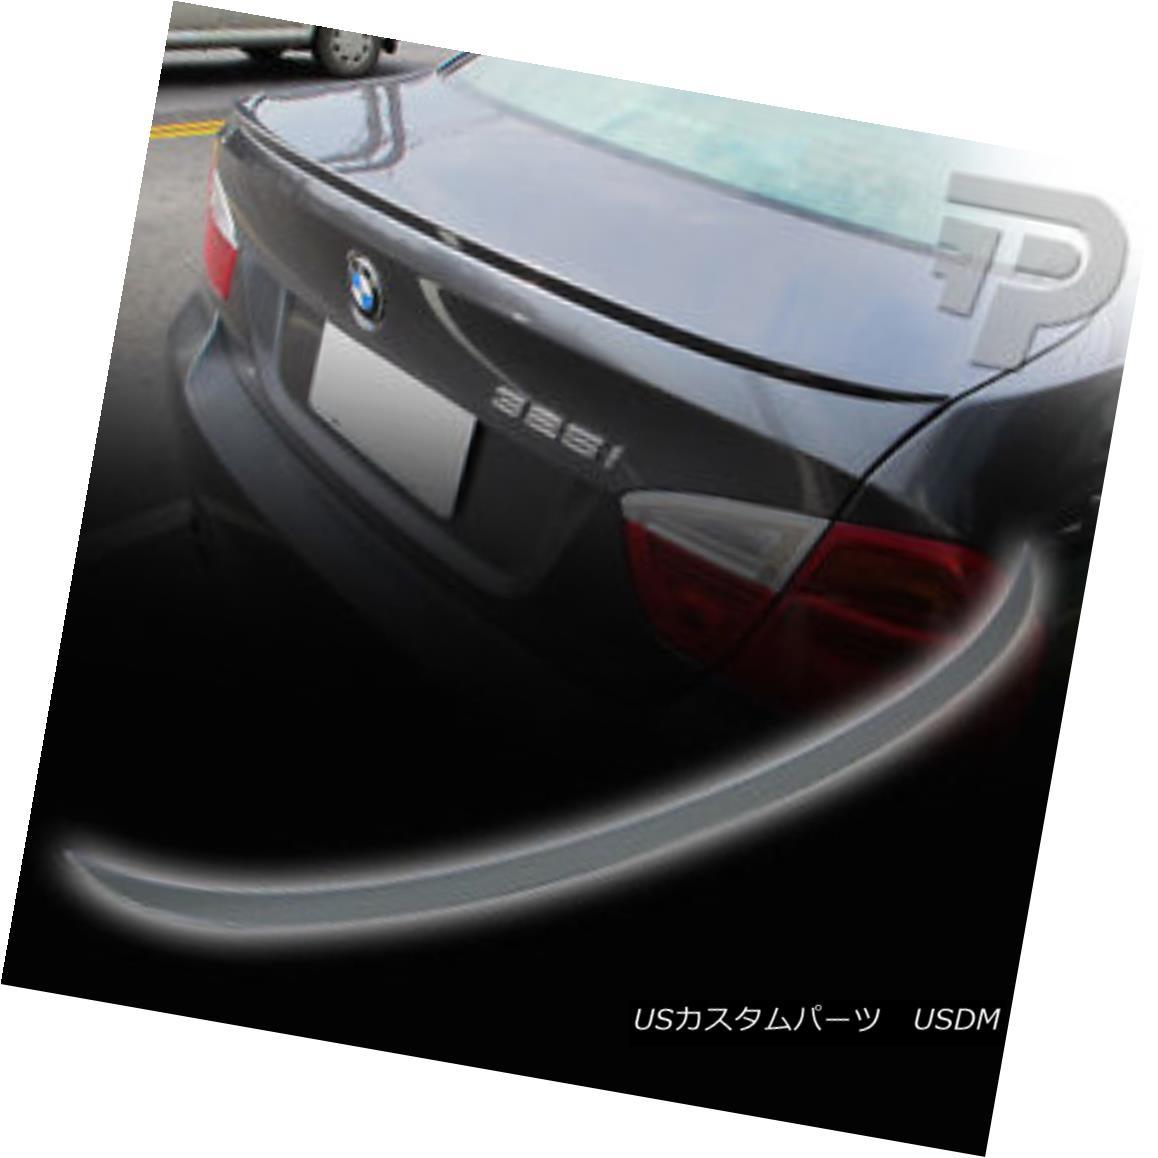 エアロパーツ BMW 3-SERIES E90 4DR SALOON M3 REAR WING BOOT TRUNK SPOILER 2011 330i 335i 318i BMW 3シリーズE90 4DR SALOON M3リアウイングブーツトゥーンスポイラー2011 330i 335i 318i